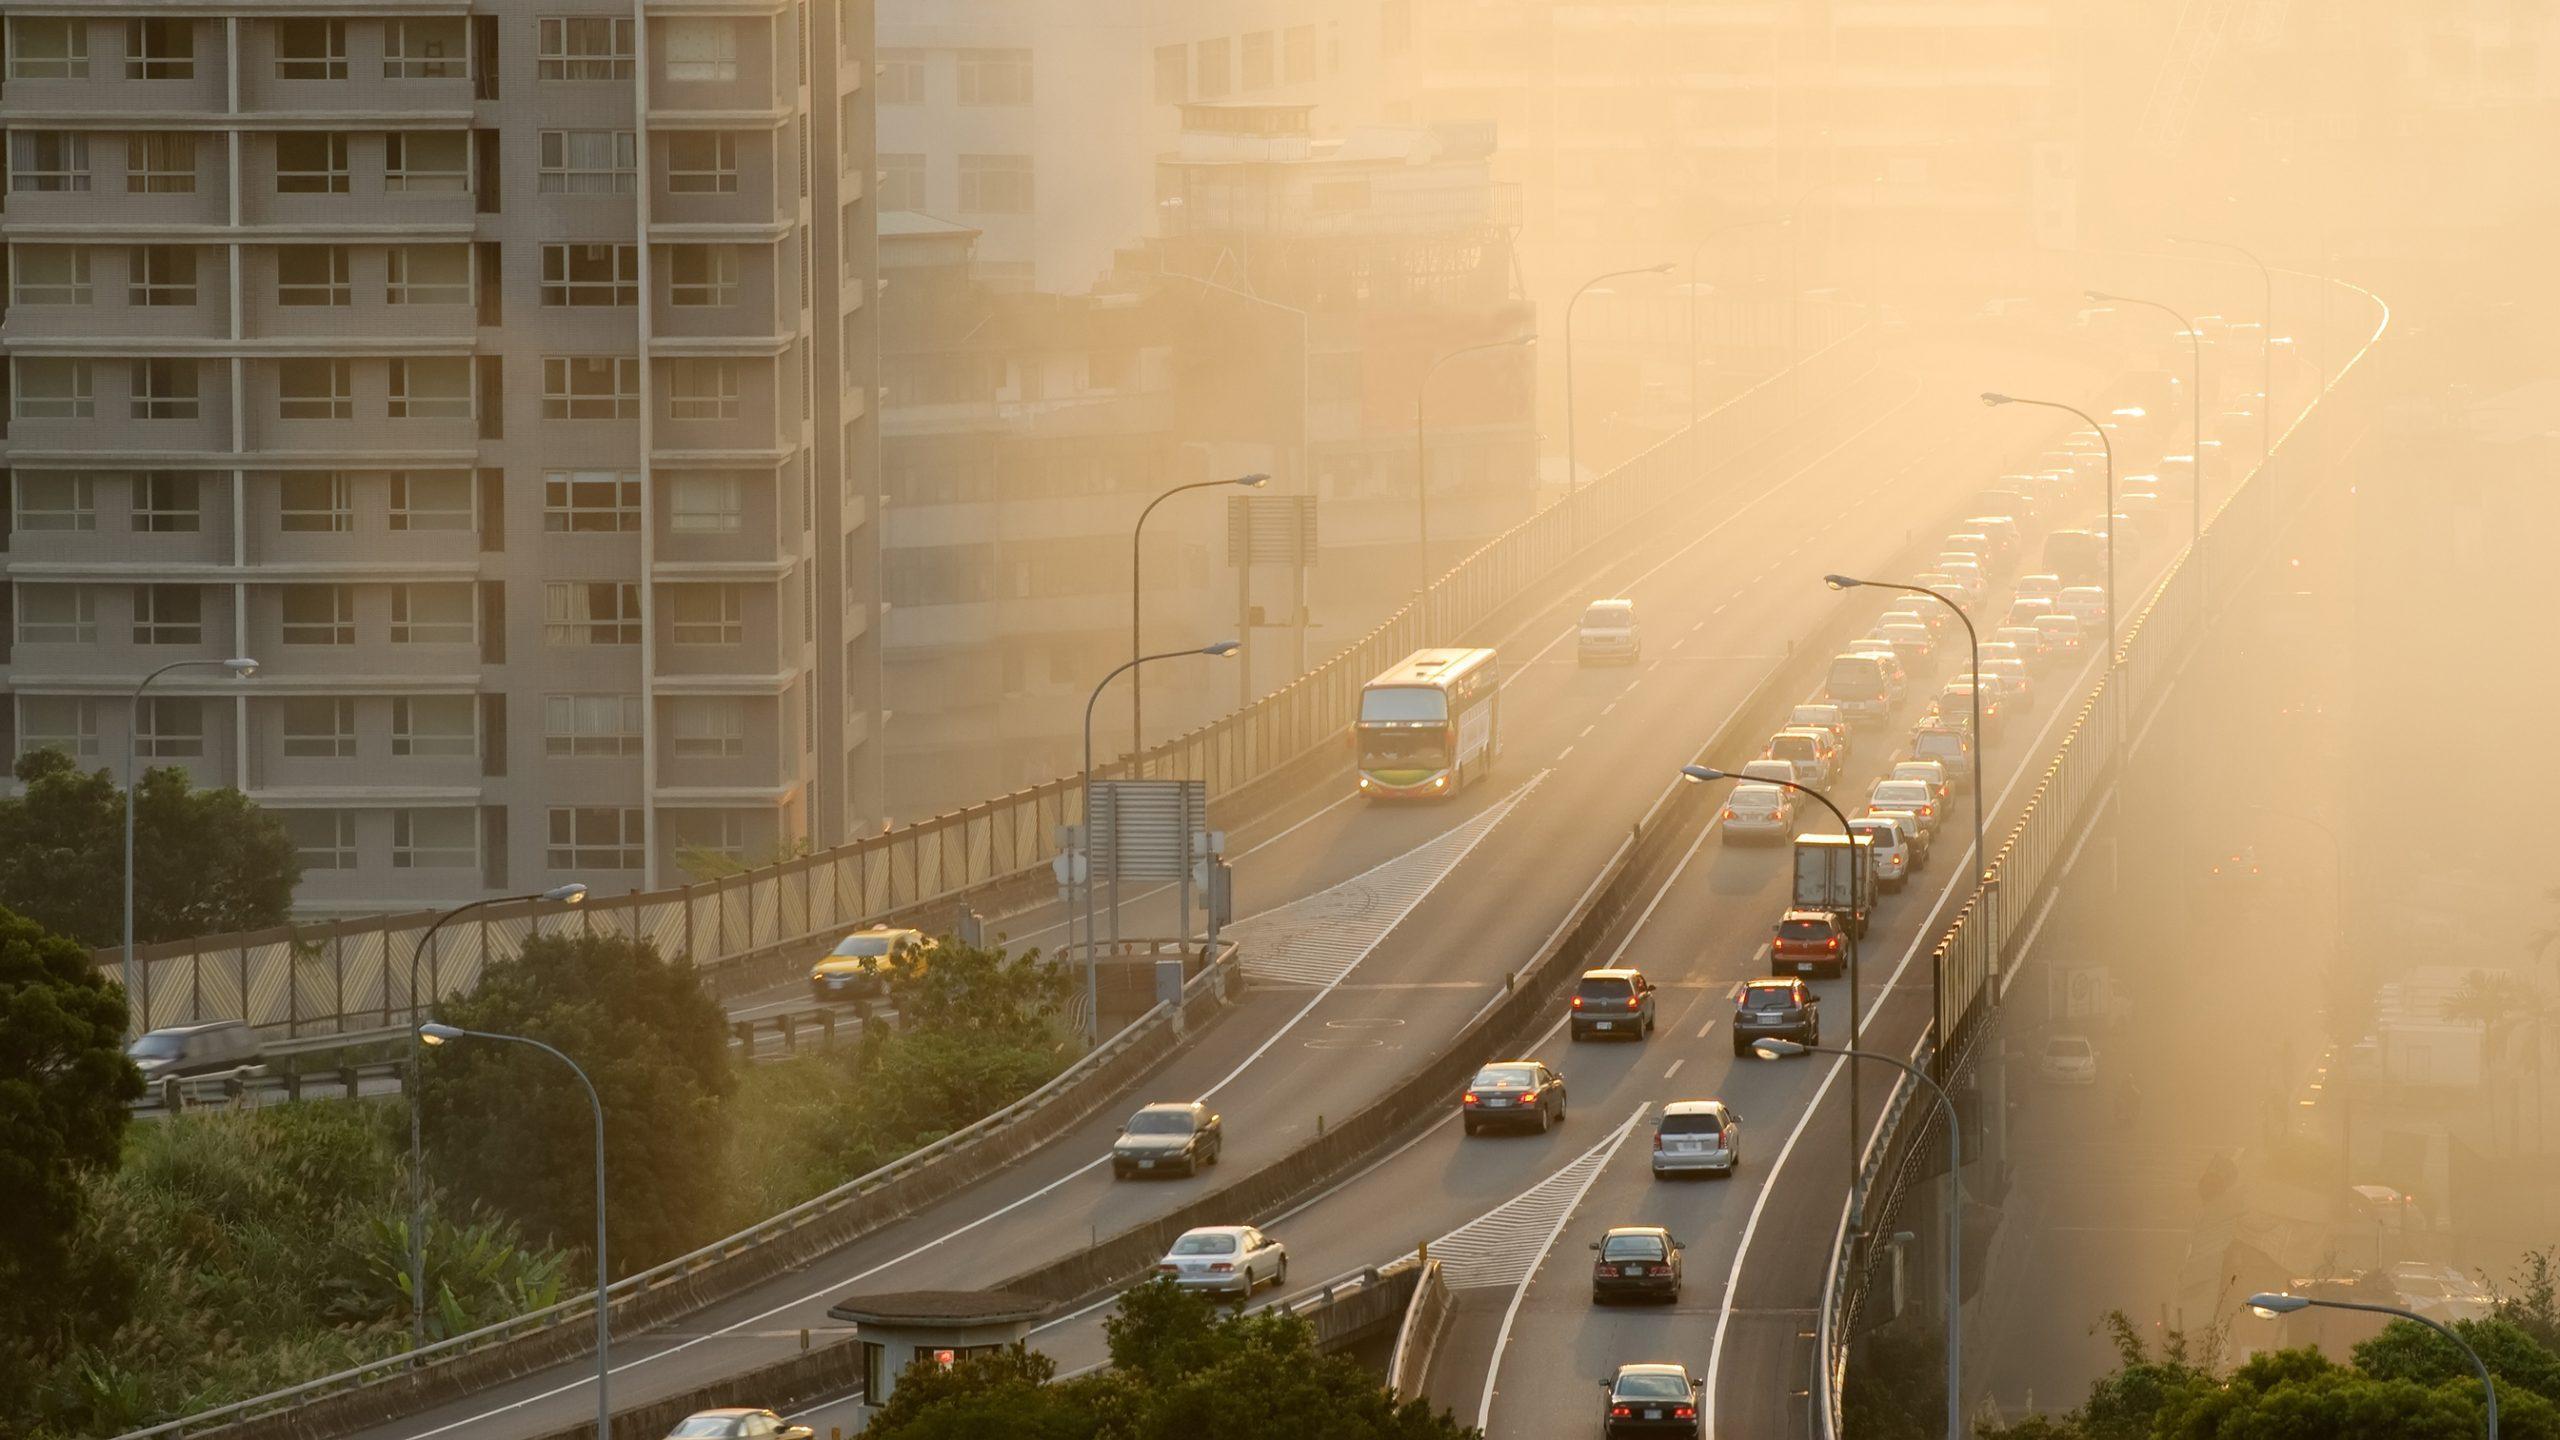 Воздействие загрязненного воздуха в детстве связали с психопатологиями во взрослом возрасте